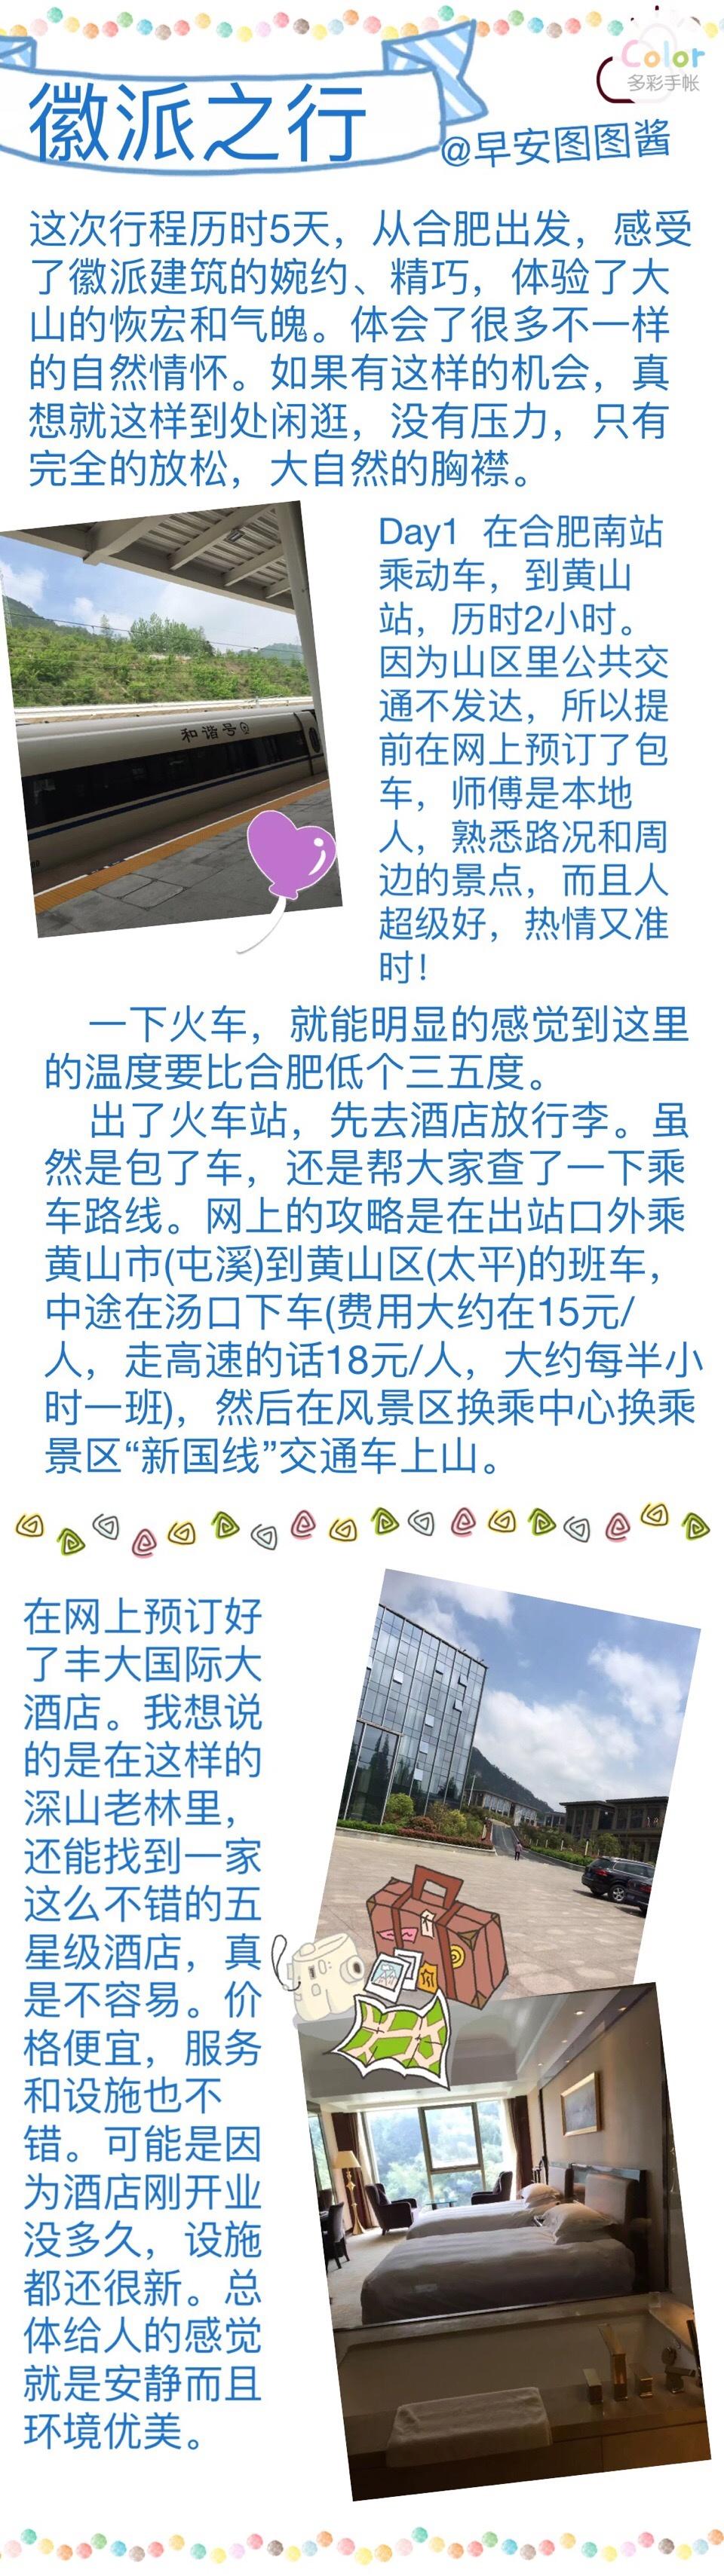 黄山旅行攻略,黄山老街翡翠谷西递宏村,安徽五日自由行攻略